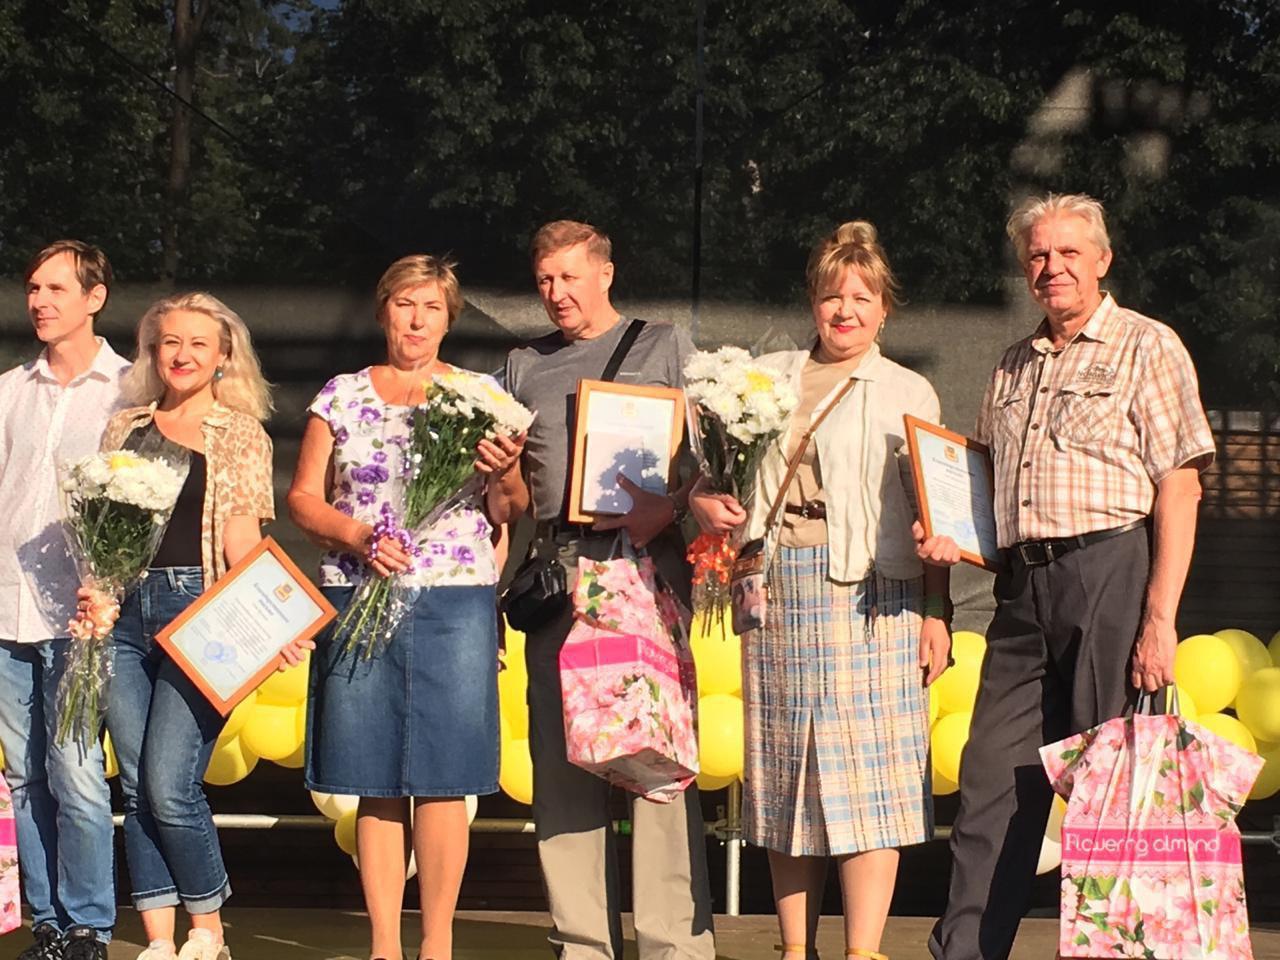 Юбиляров супружеской жизни наградили в парке Кузьминки